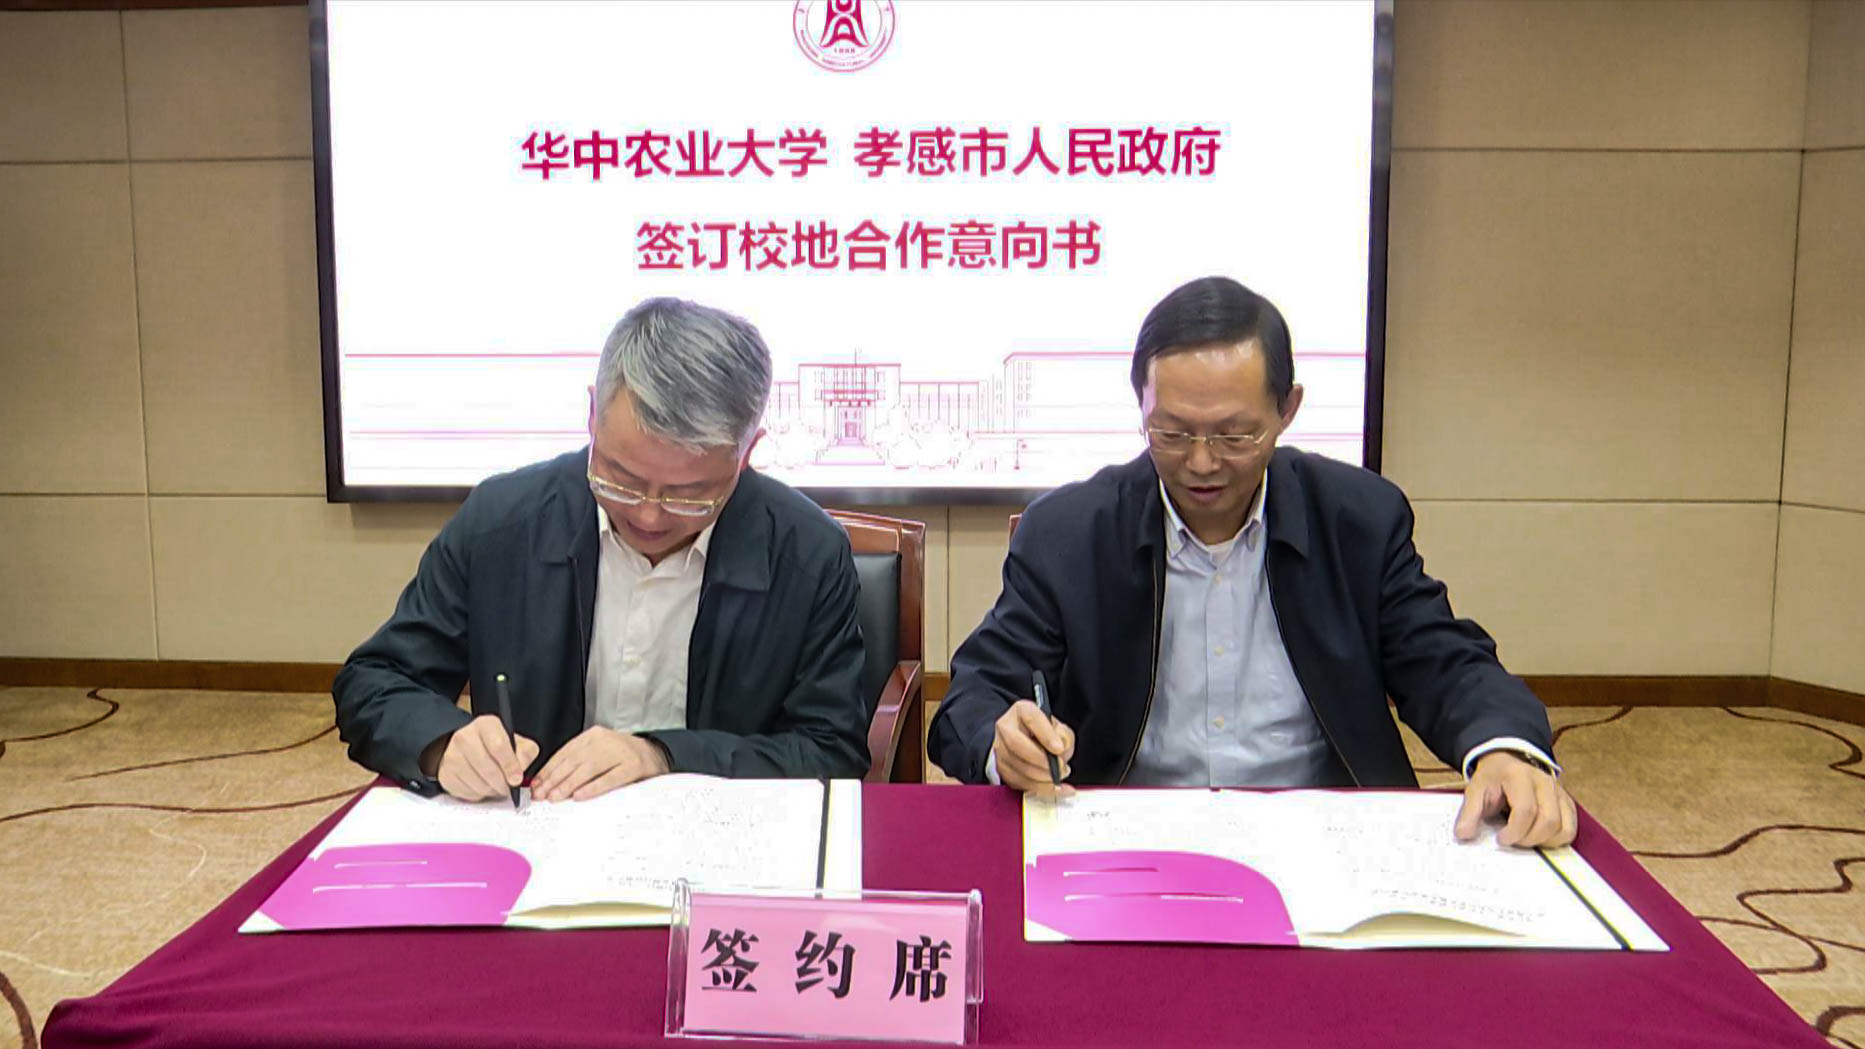 校党委书记廖济忠与张志敏副市长签订战略合作协议 (张舒畅 摄)